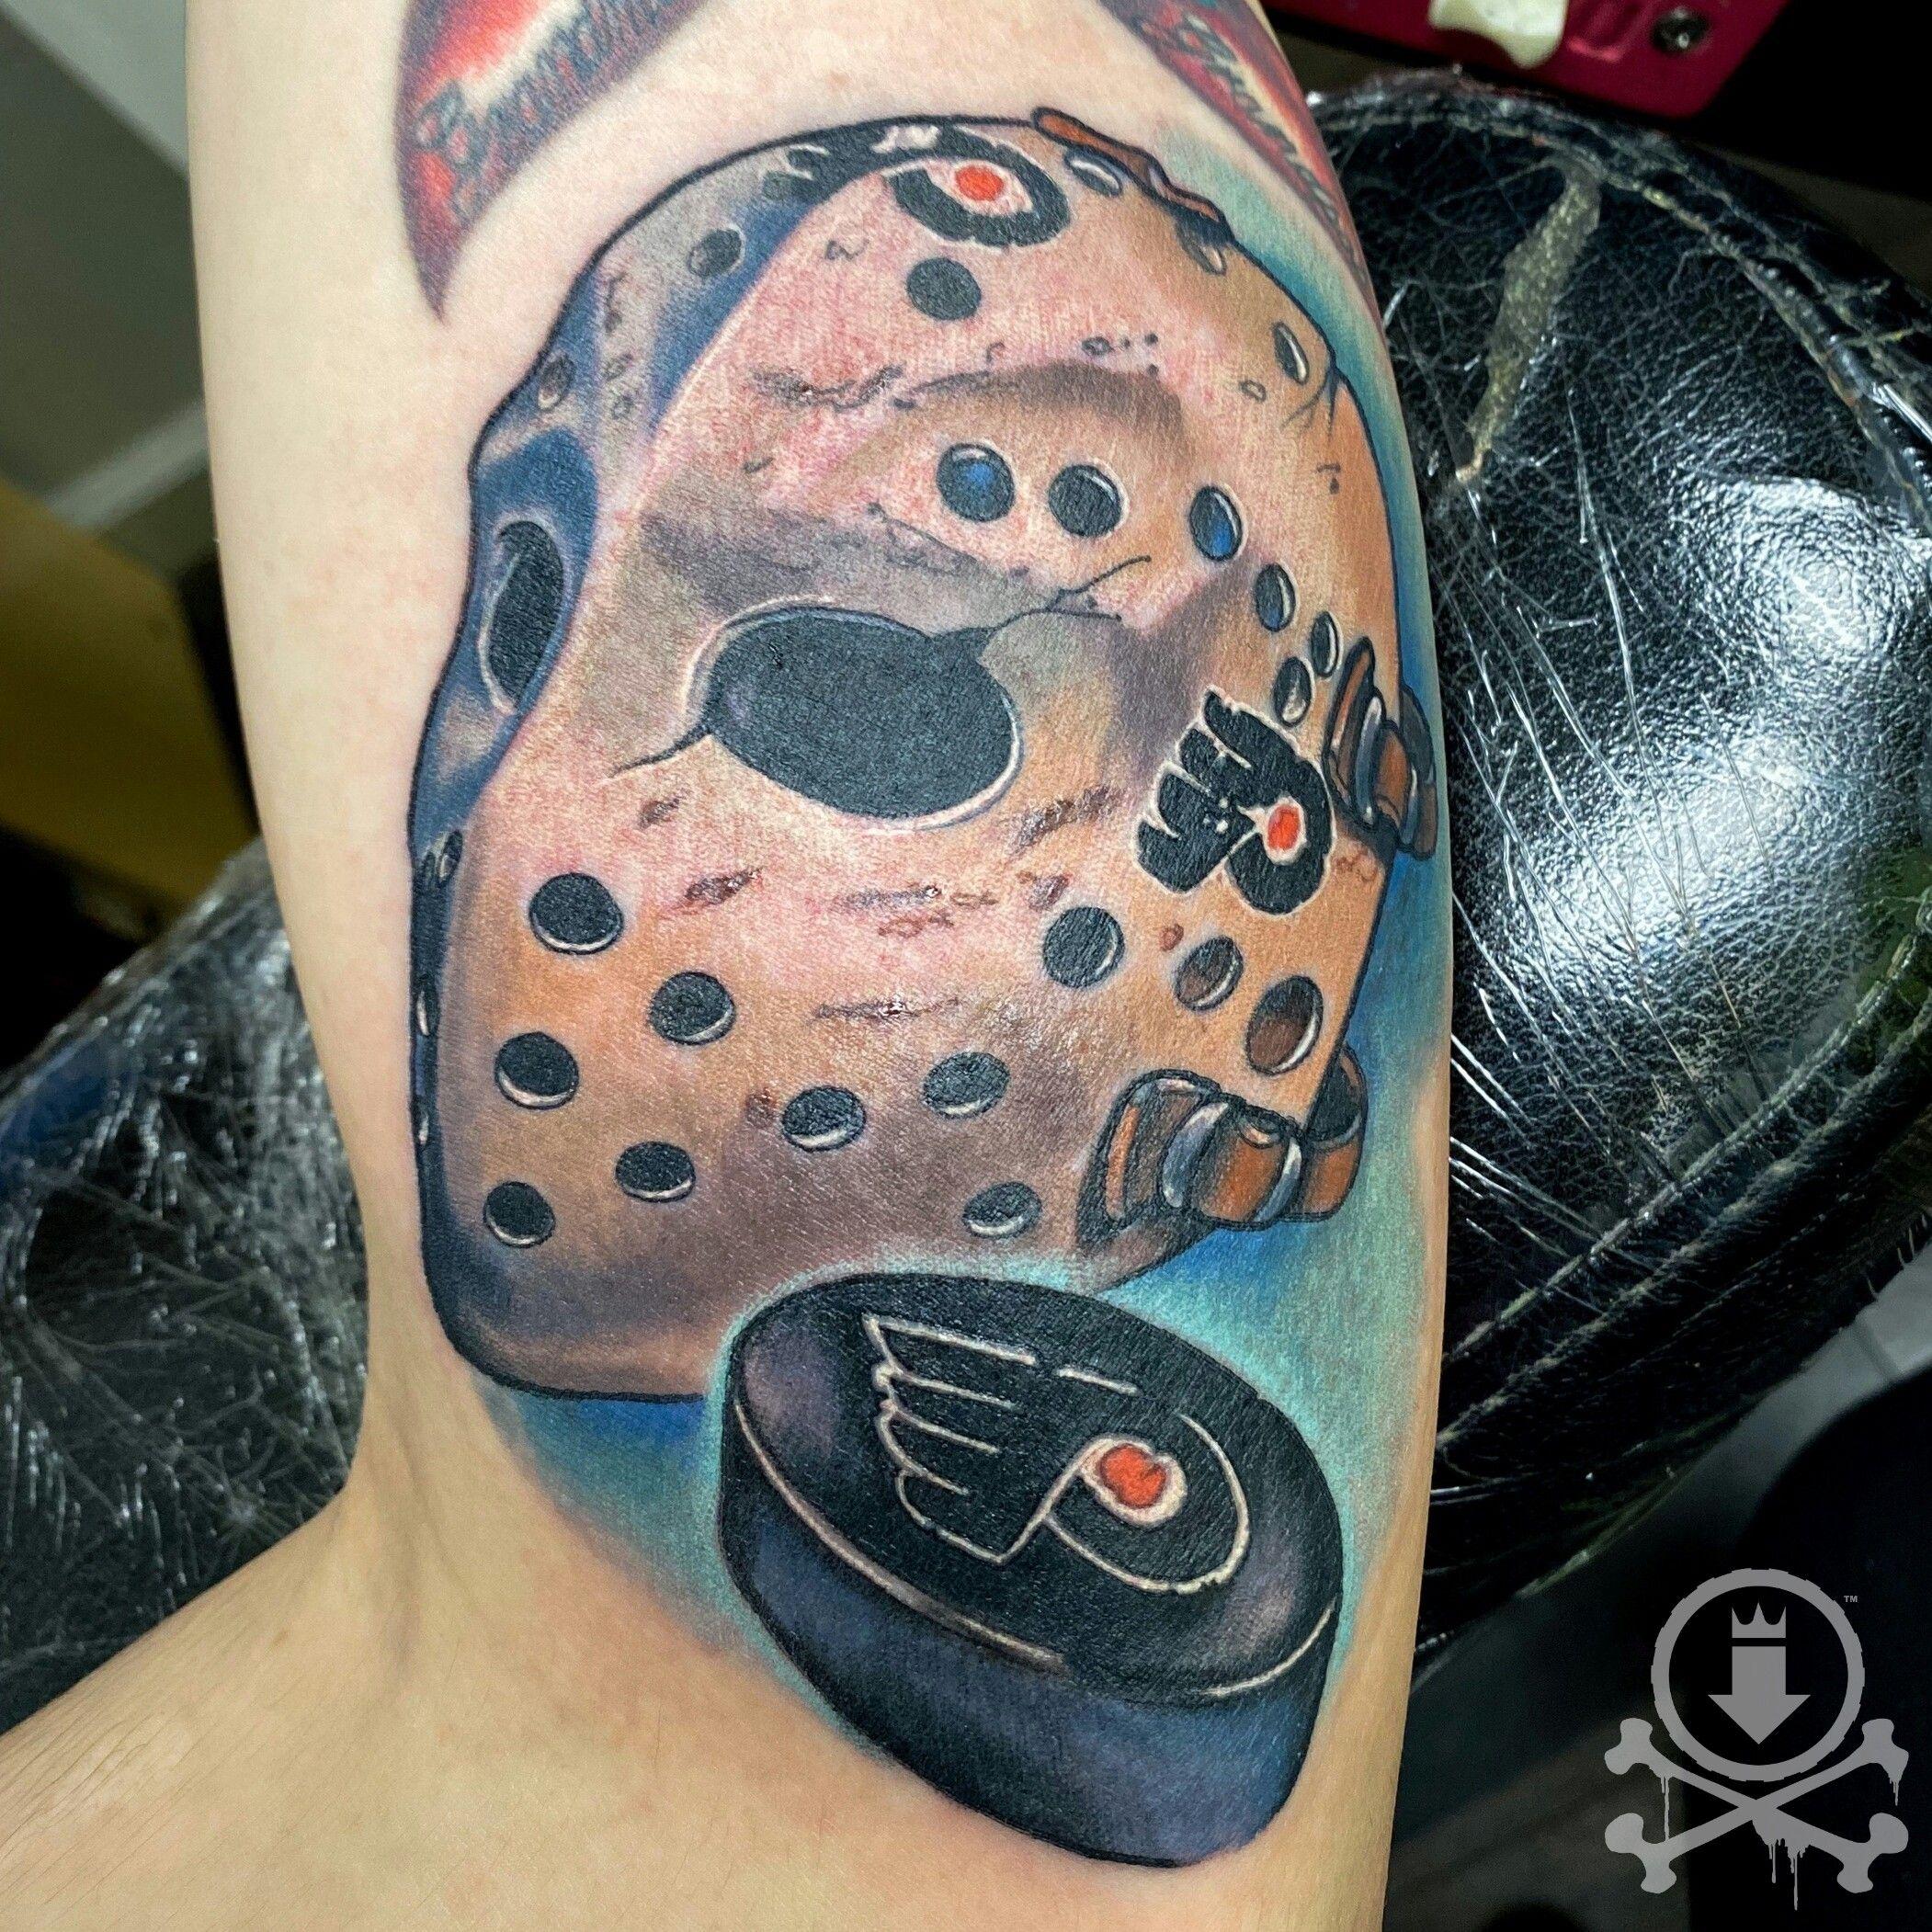 Pin By 12 Oz Studios On My Saves In 2020 Tattoo Shop Mask Tattoo Custom Tattoo